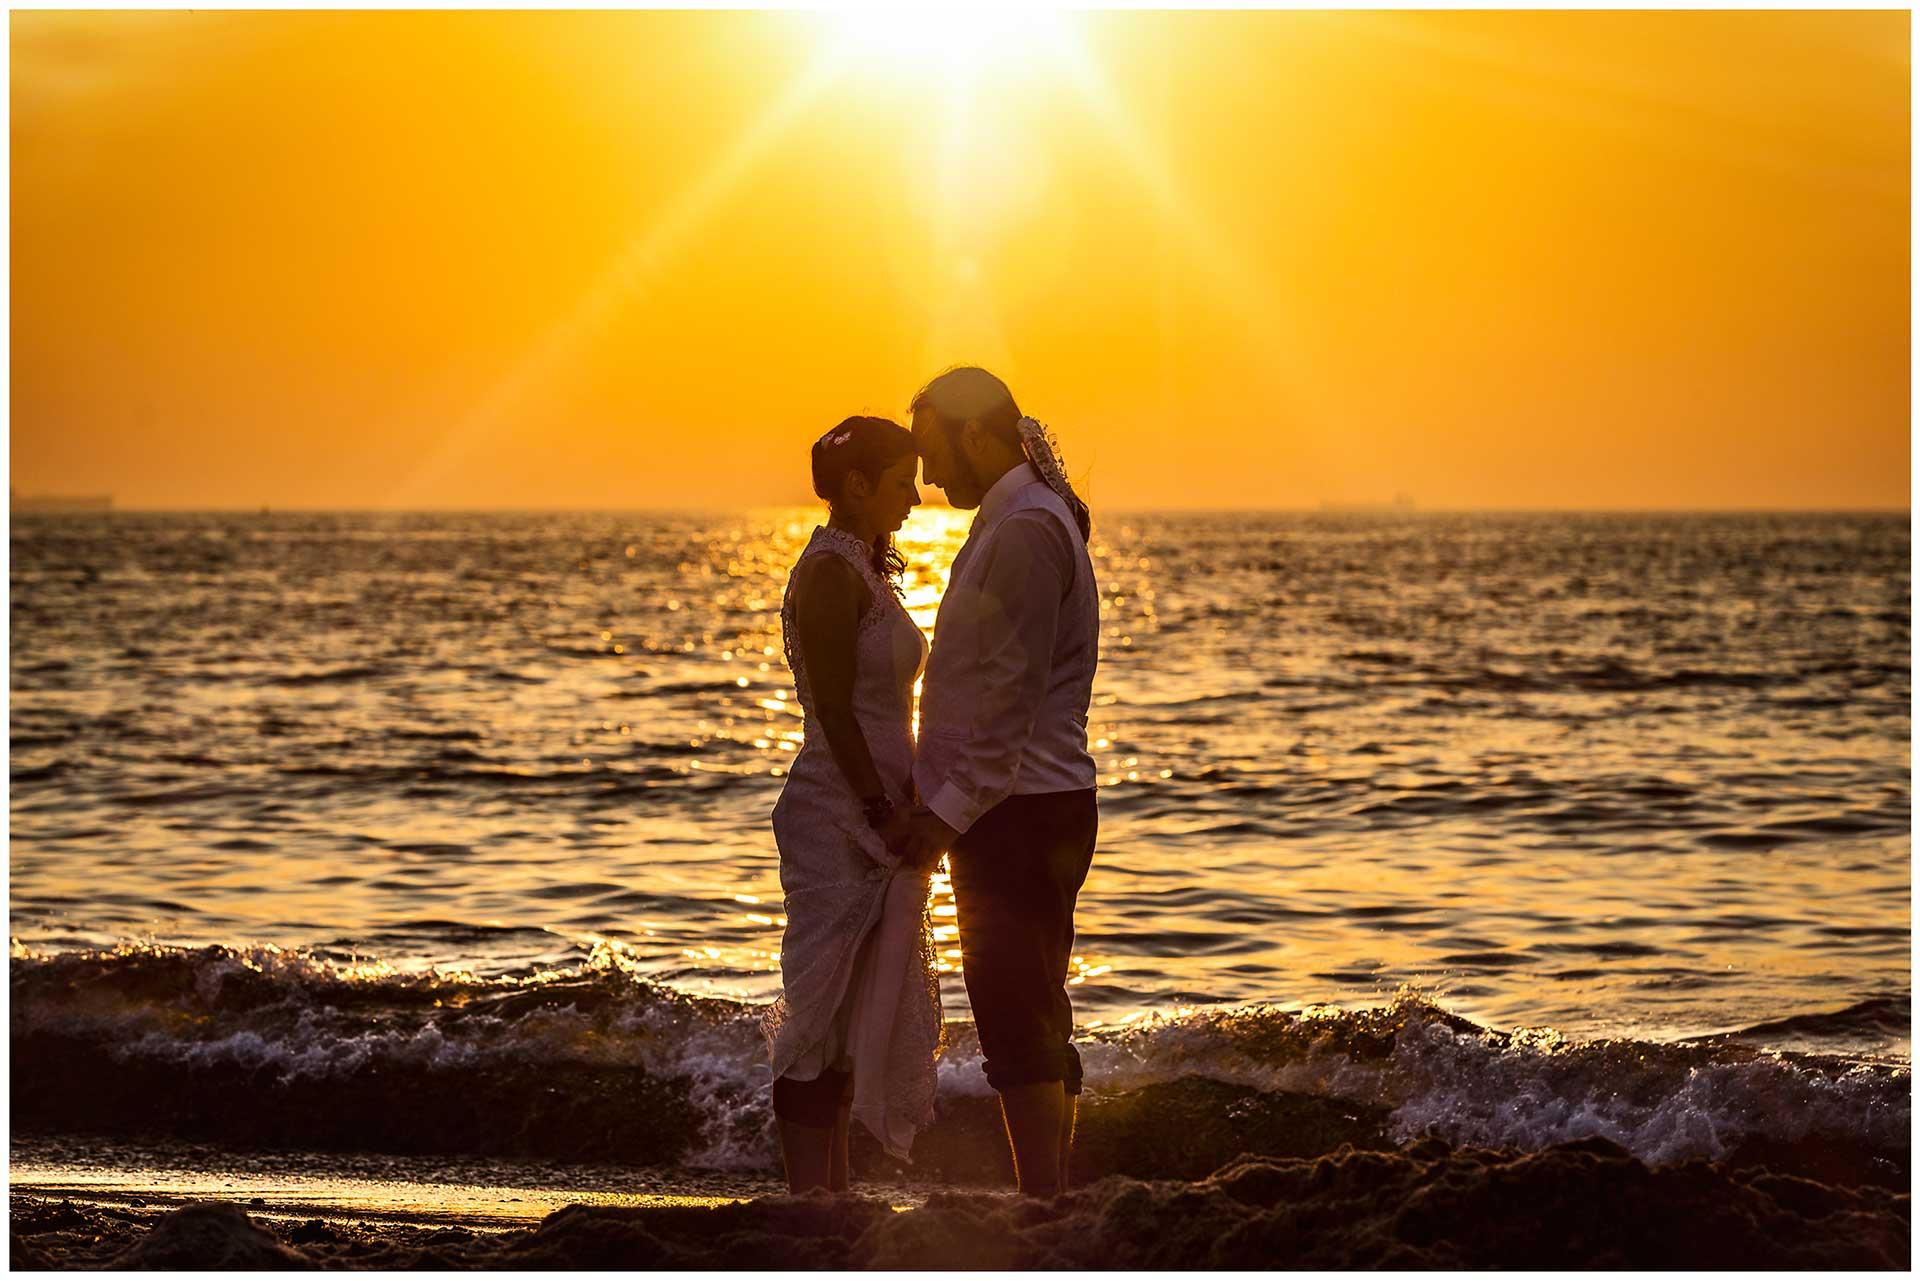 Brautpaar-am-Strand-von-Warnemuende-bei-Sonnenuntergang-Hochzeitsfotografie-Hochzeitsfotograf-Warnemuende-Hochzeitsfotograf-Rostock-Hochzeitsfotograf-Ostseebad-Warnemuende